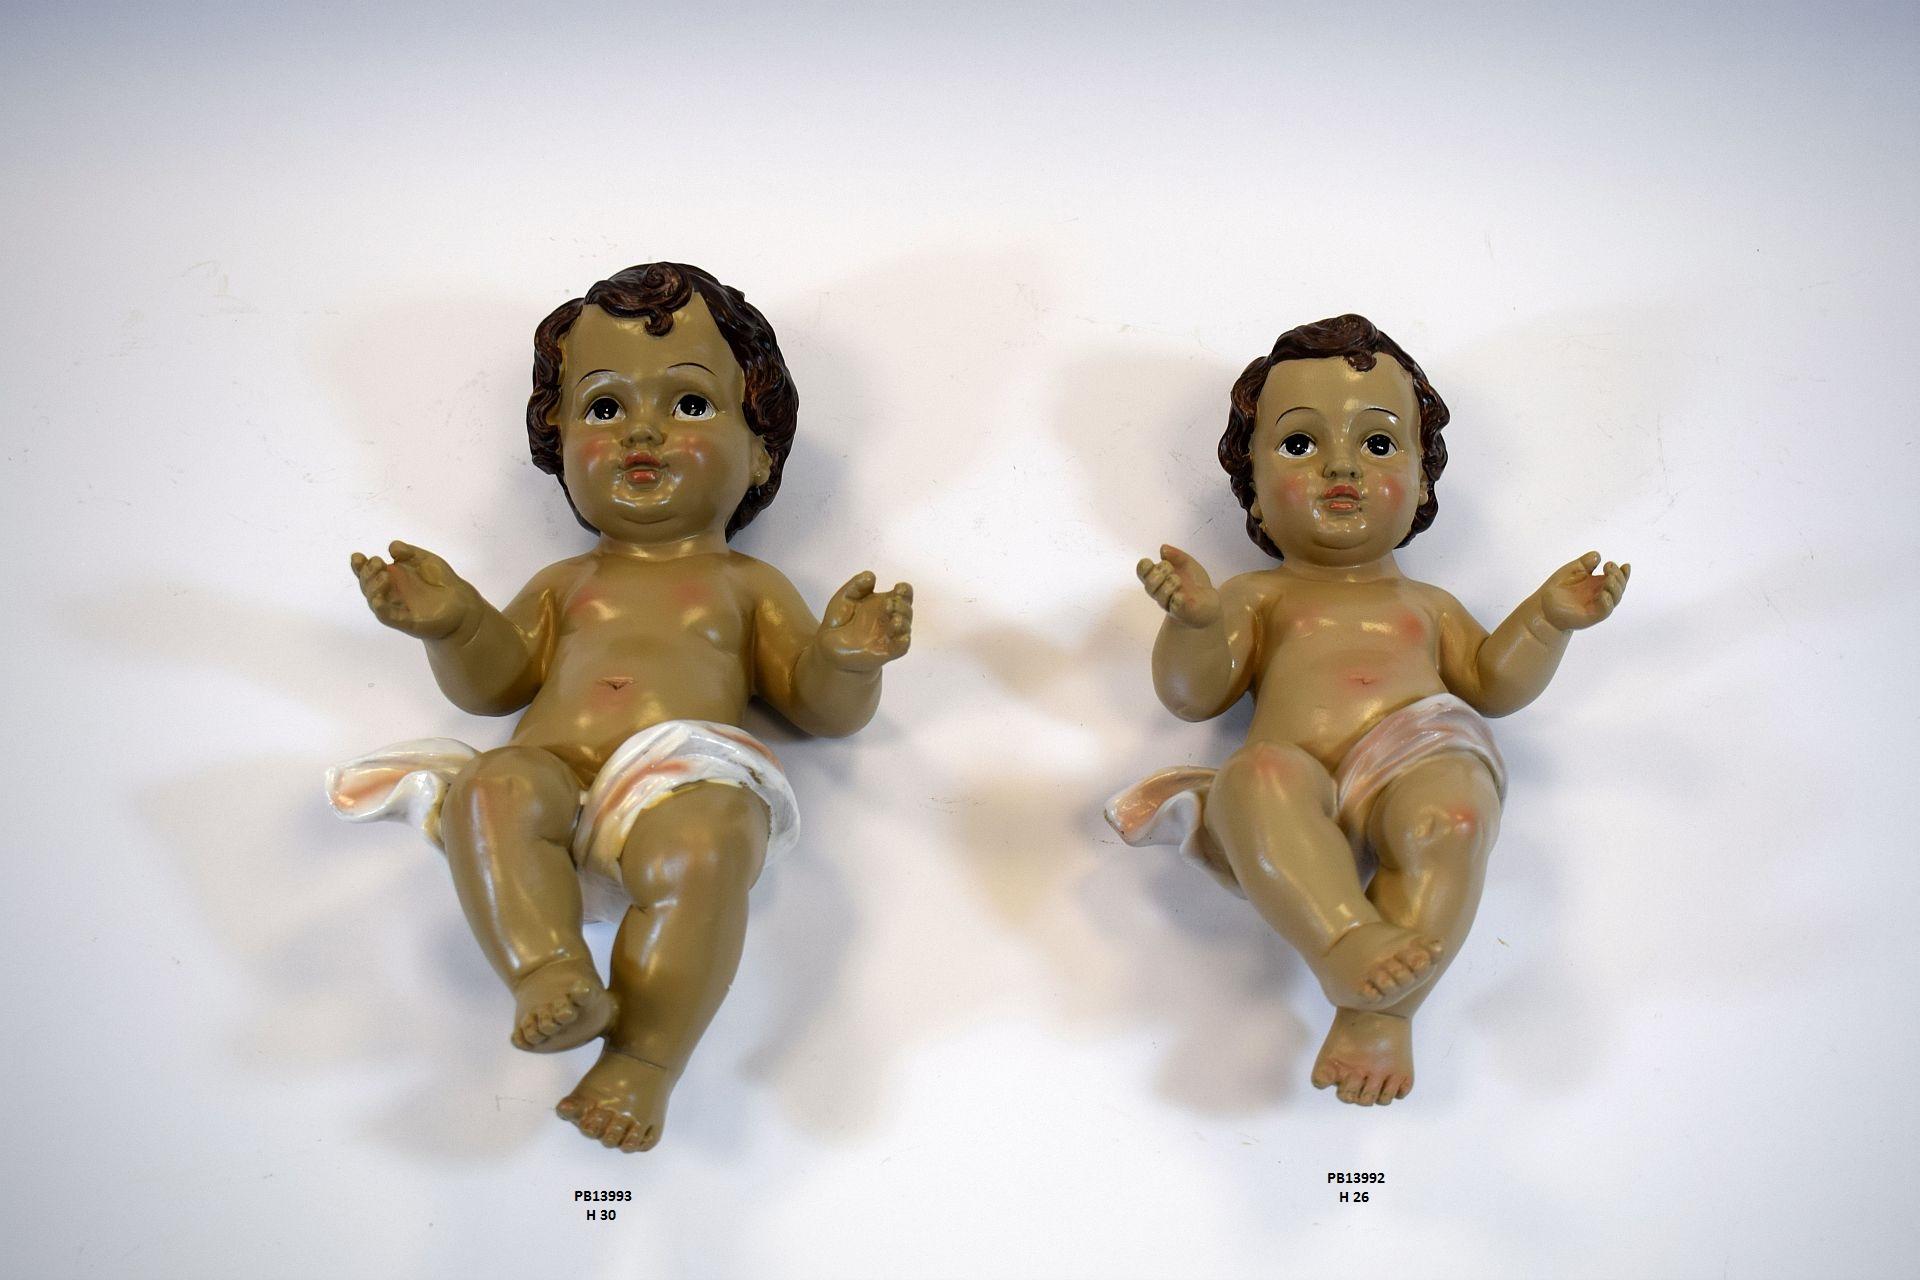 Paben - Offerte - Articoli Religiosi - Bambinelli - 19CD